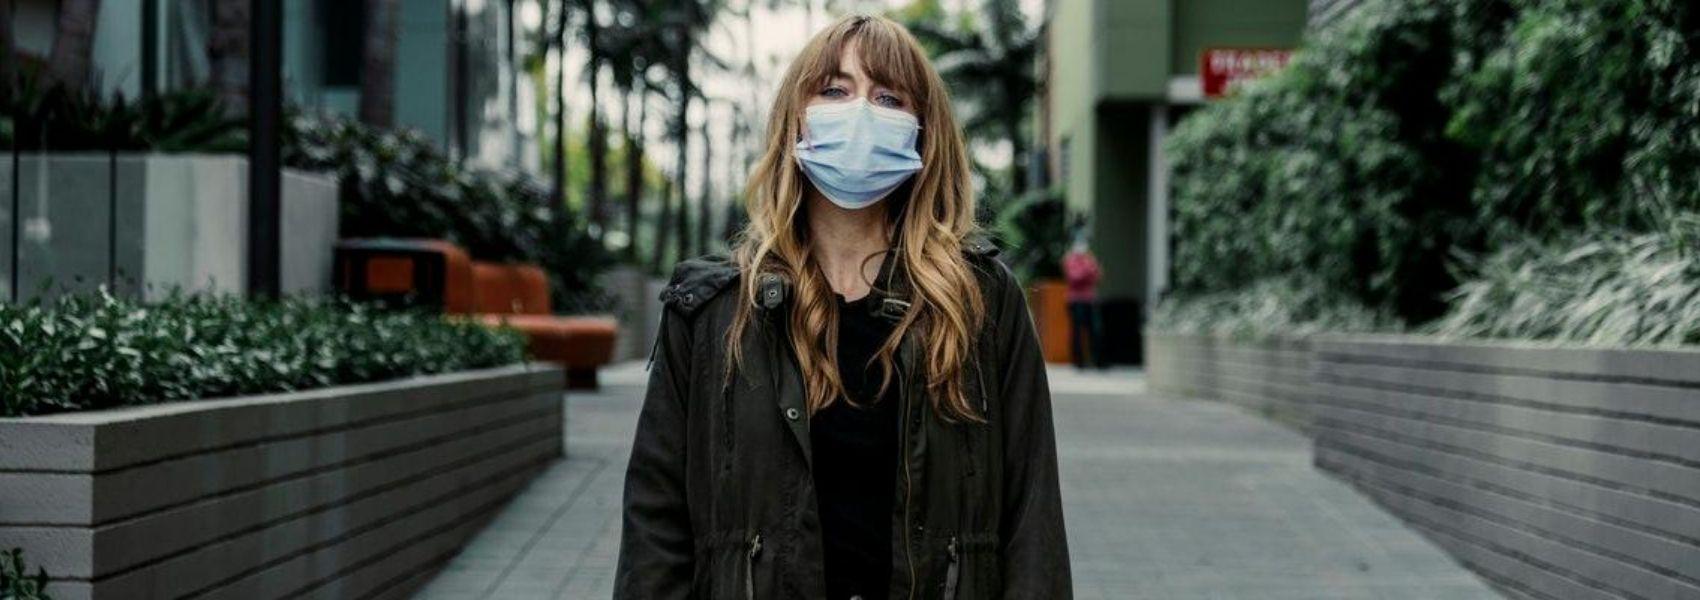 problemas de pele com as máscaras